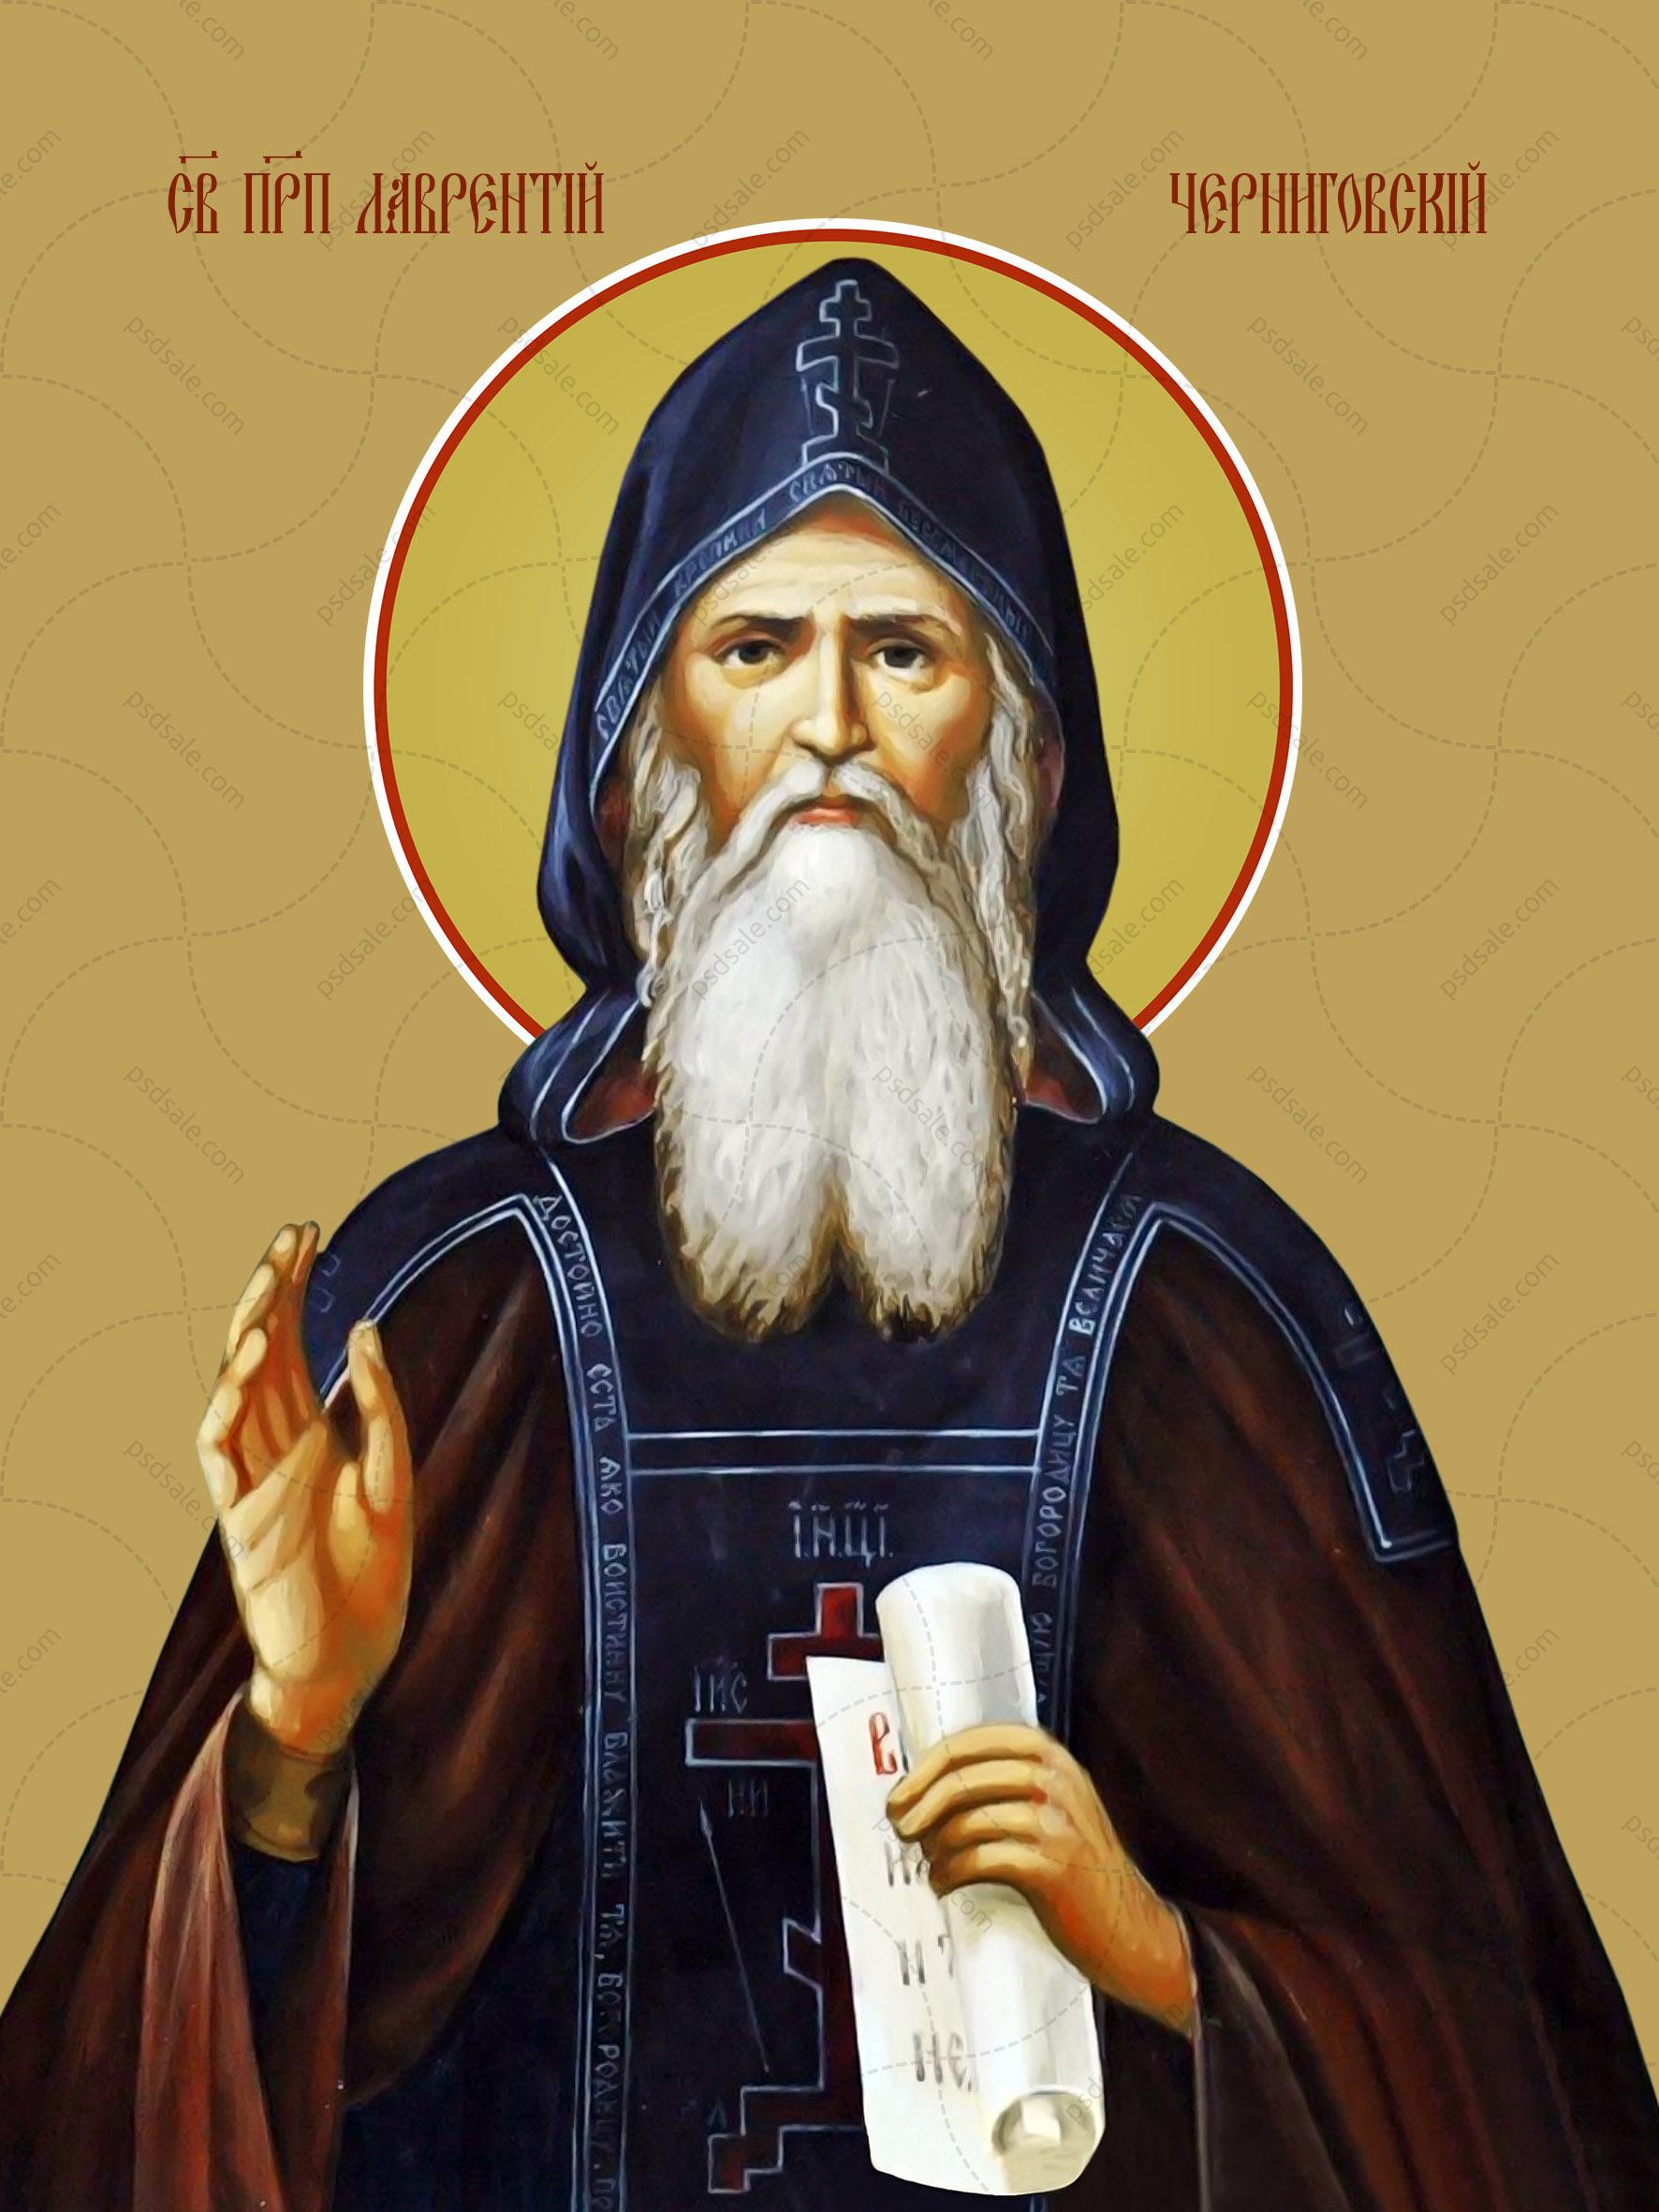 Лаврентий Черниговский, преподобный